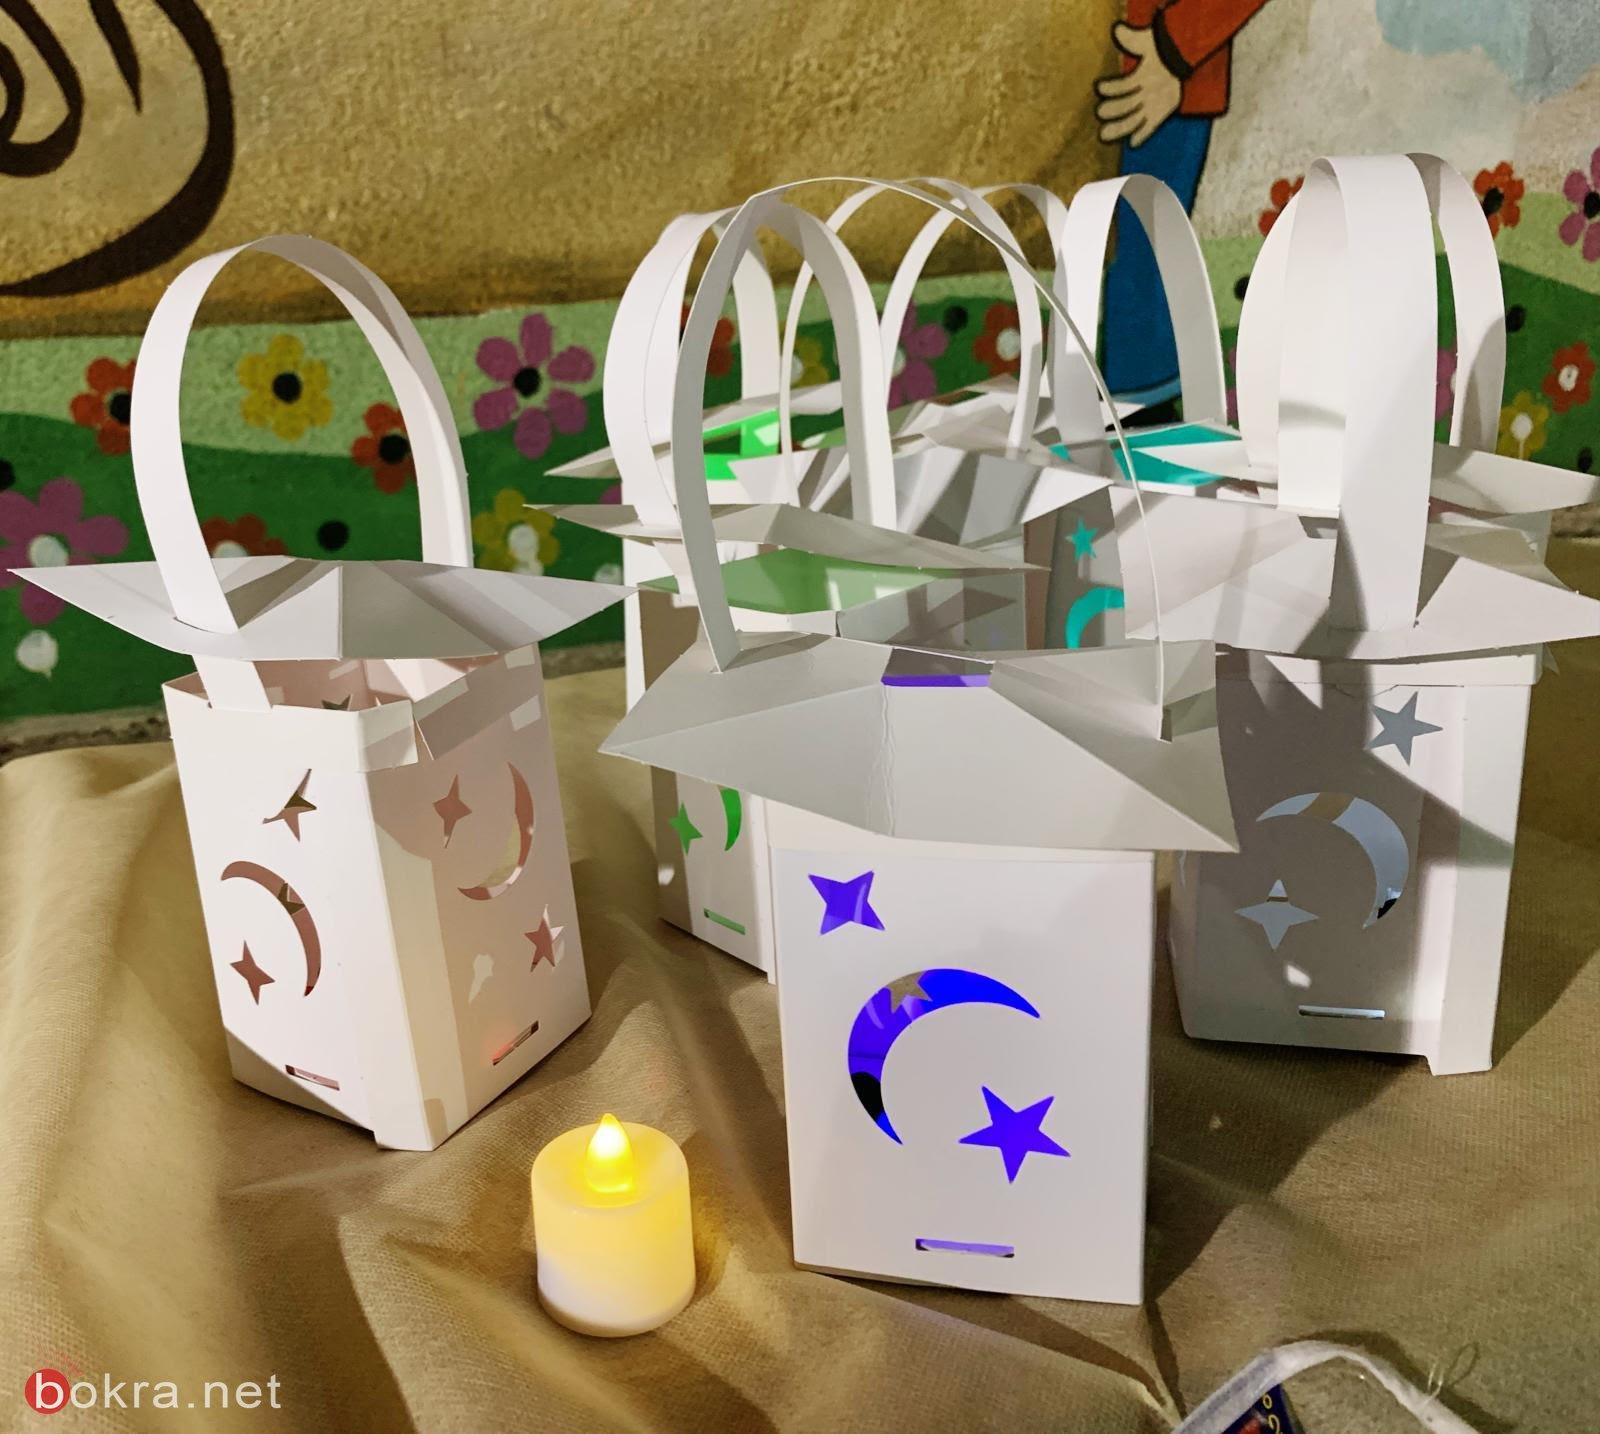 إضاءة مدرسة بير الامير الجماهيرية بفوانيس رمضان